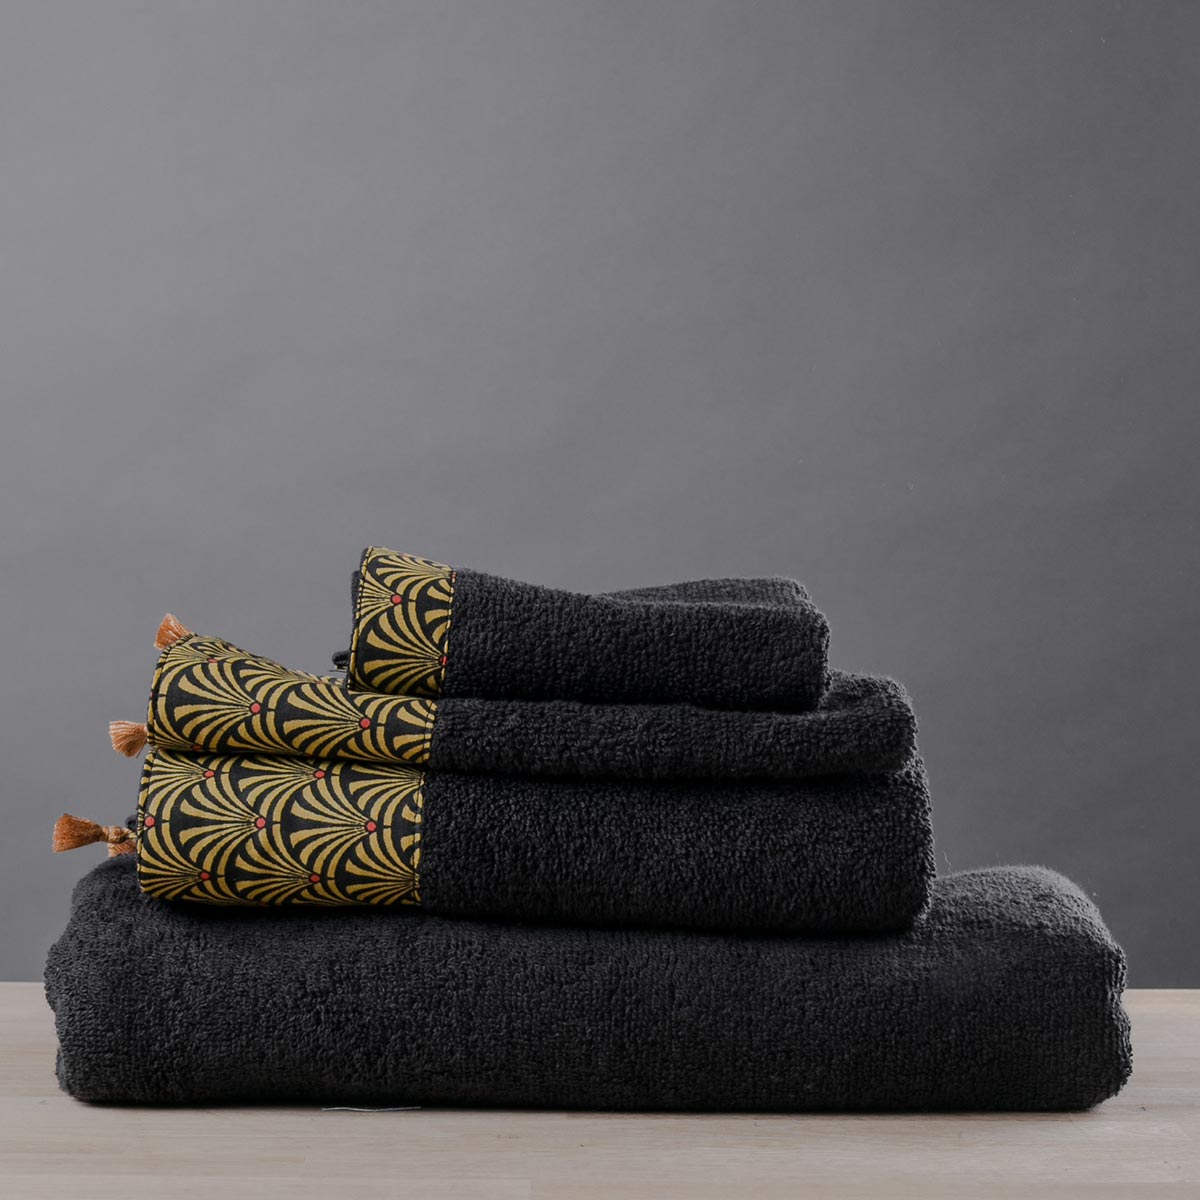 Πετσέτες Μπάνιου (Σετ 3τμχ) White Fabric Jadee Black